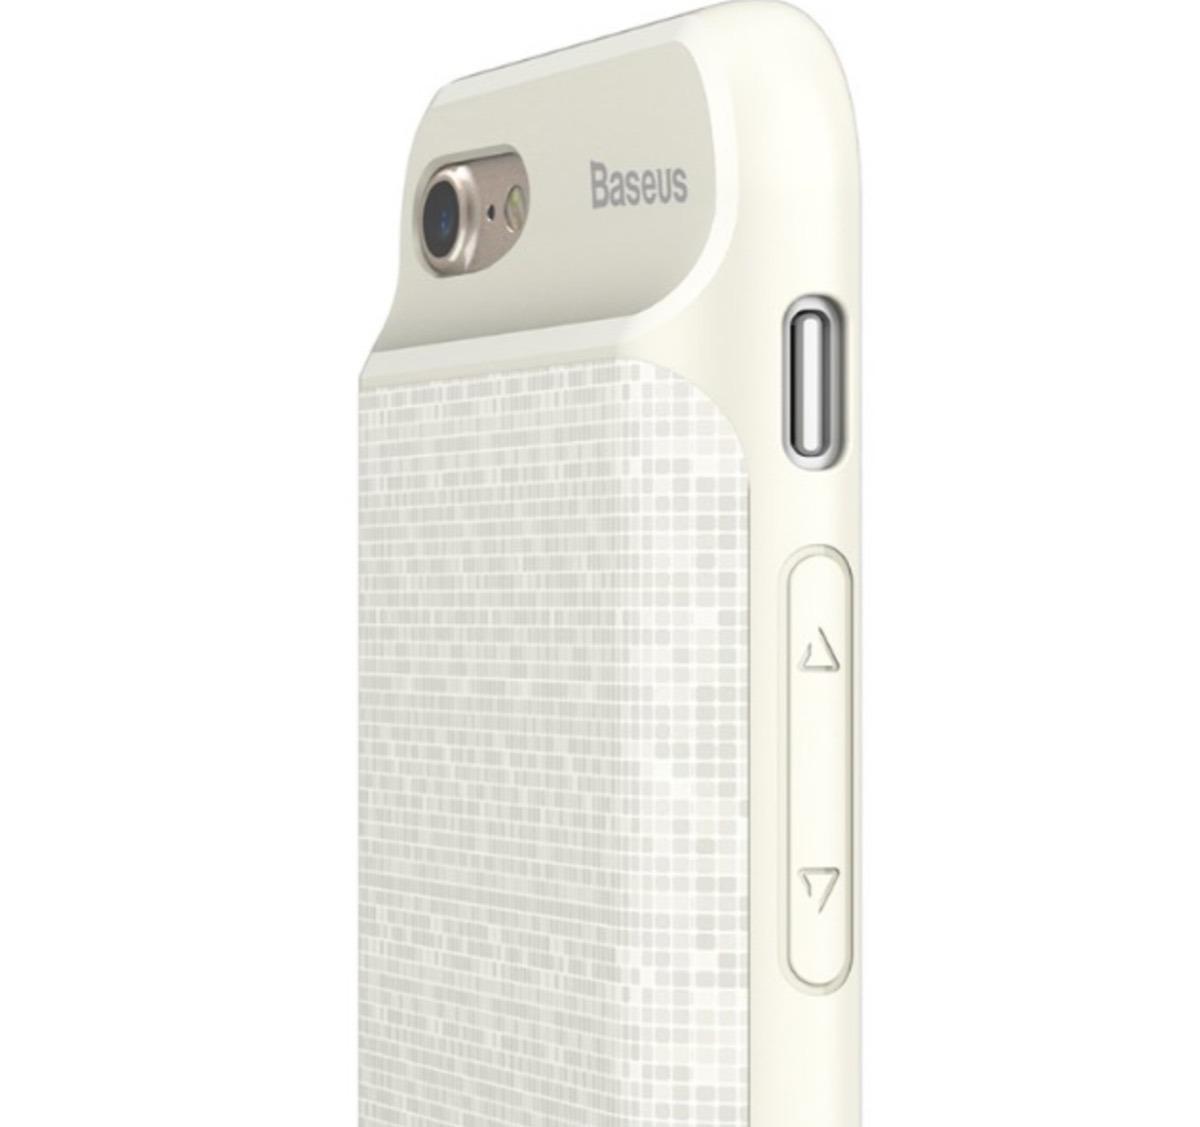 70c7957f8d6 funda con bateria iphone 7 8 contra golpes baseus blanca. Cargando zoom.